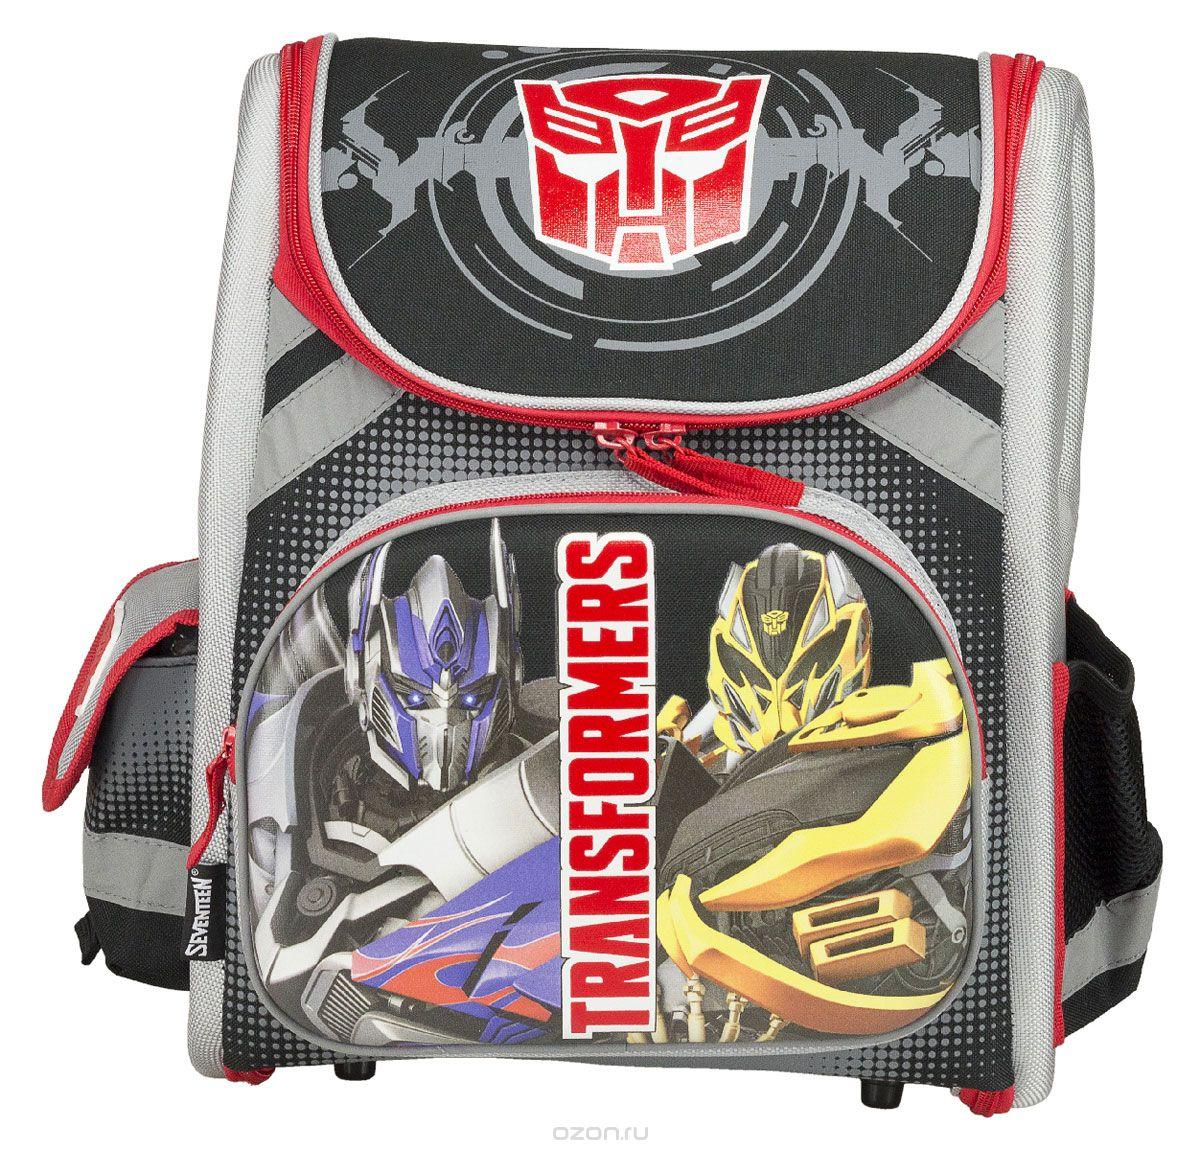 Ранец школьный Transformers transformers трансформер evolution optimus prime leader class